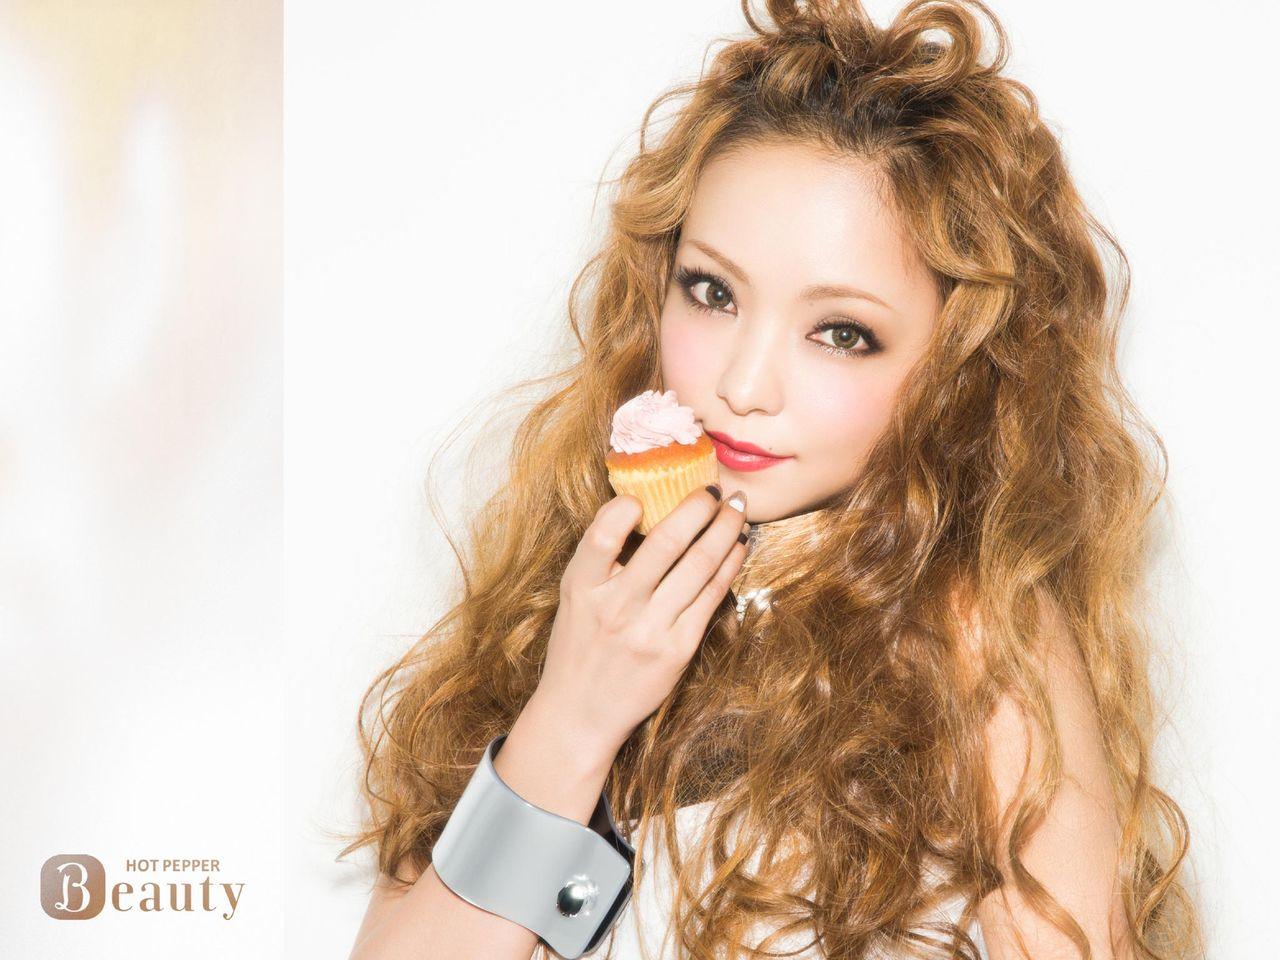 最新のヘアスタイル 安室奈美恵 髪型 画像 : 安室奈美恵のアルバムが驚異的 ...